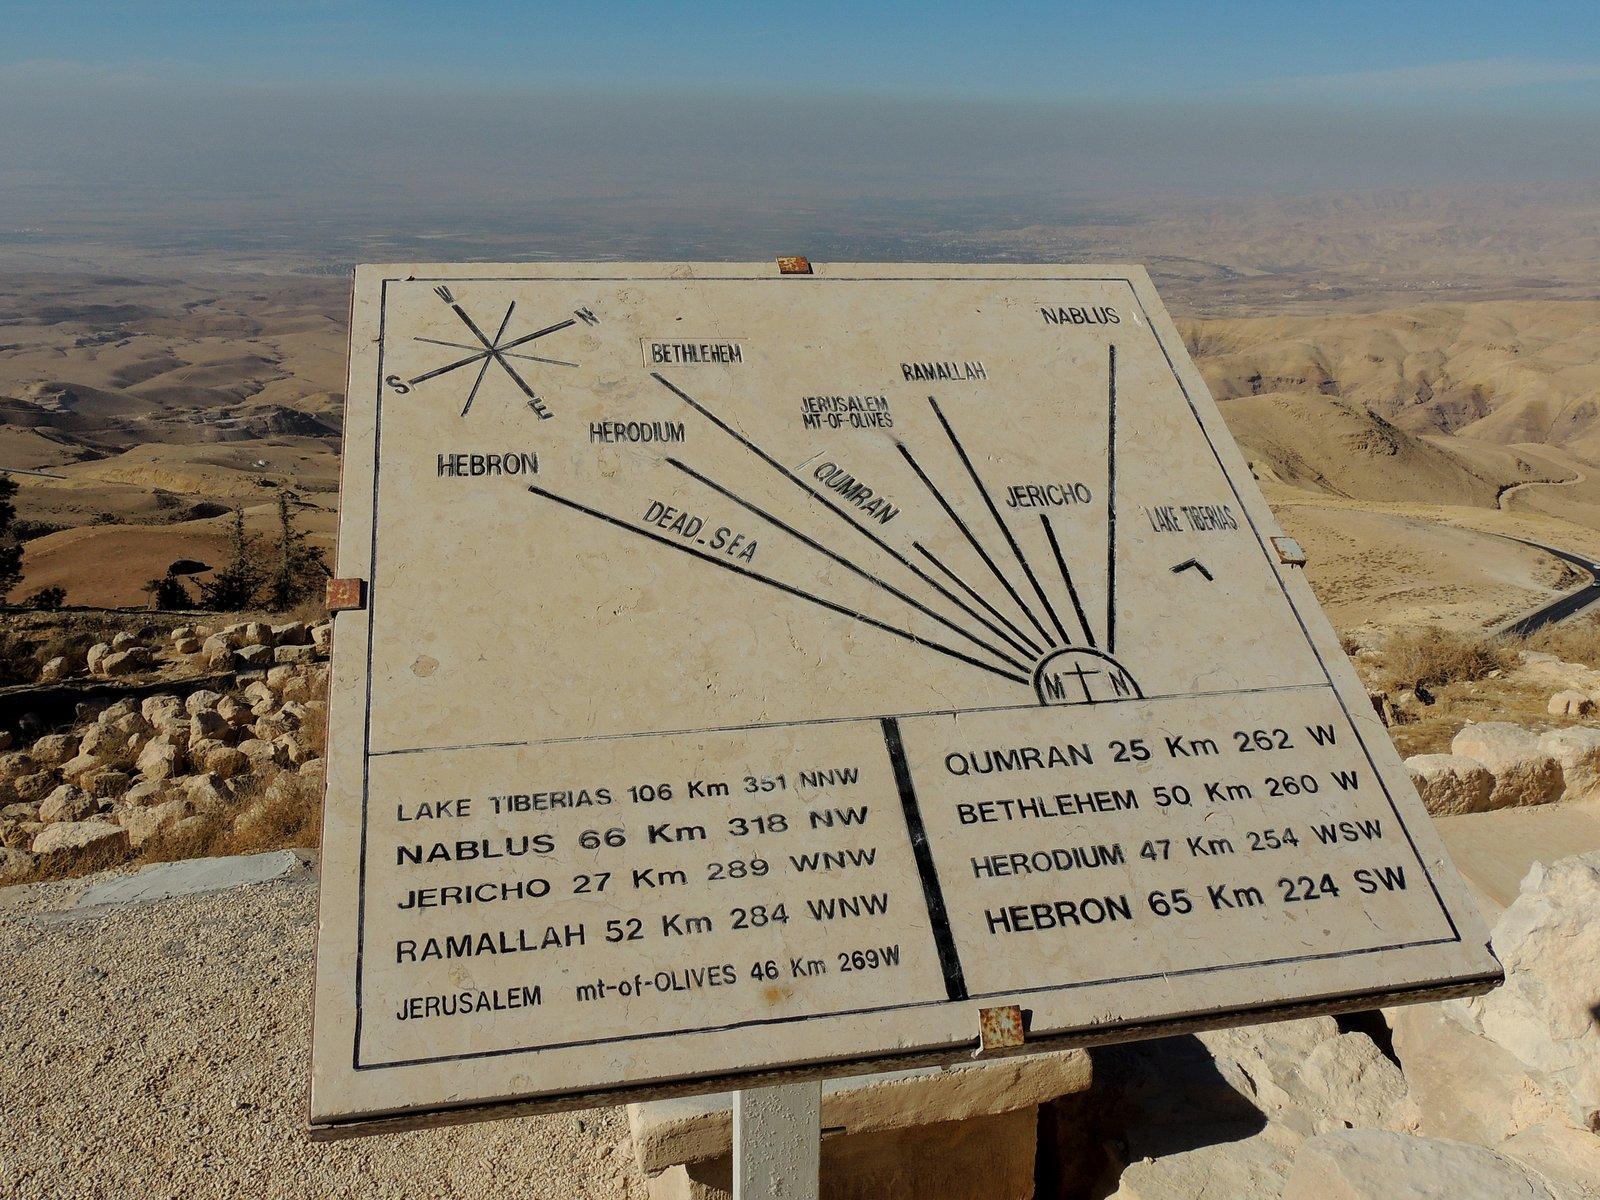 Mt. Nebo Jordanien